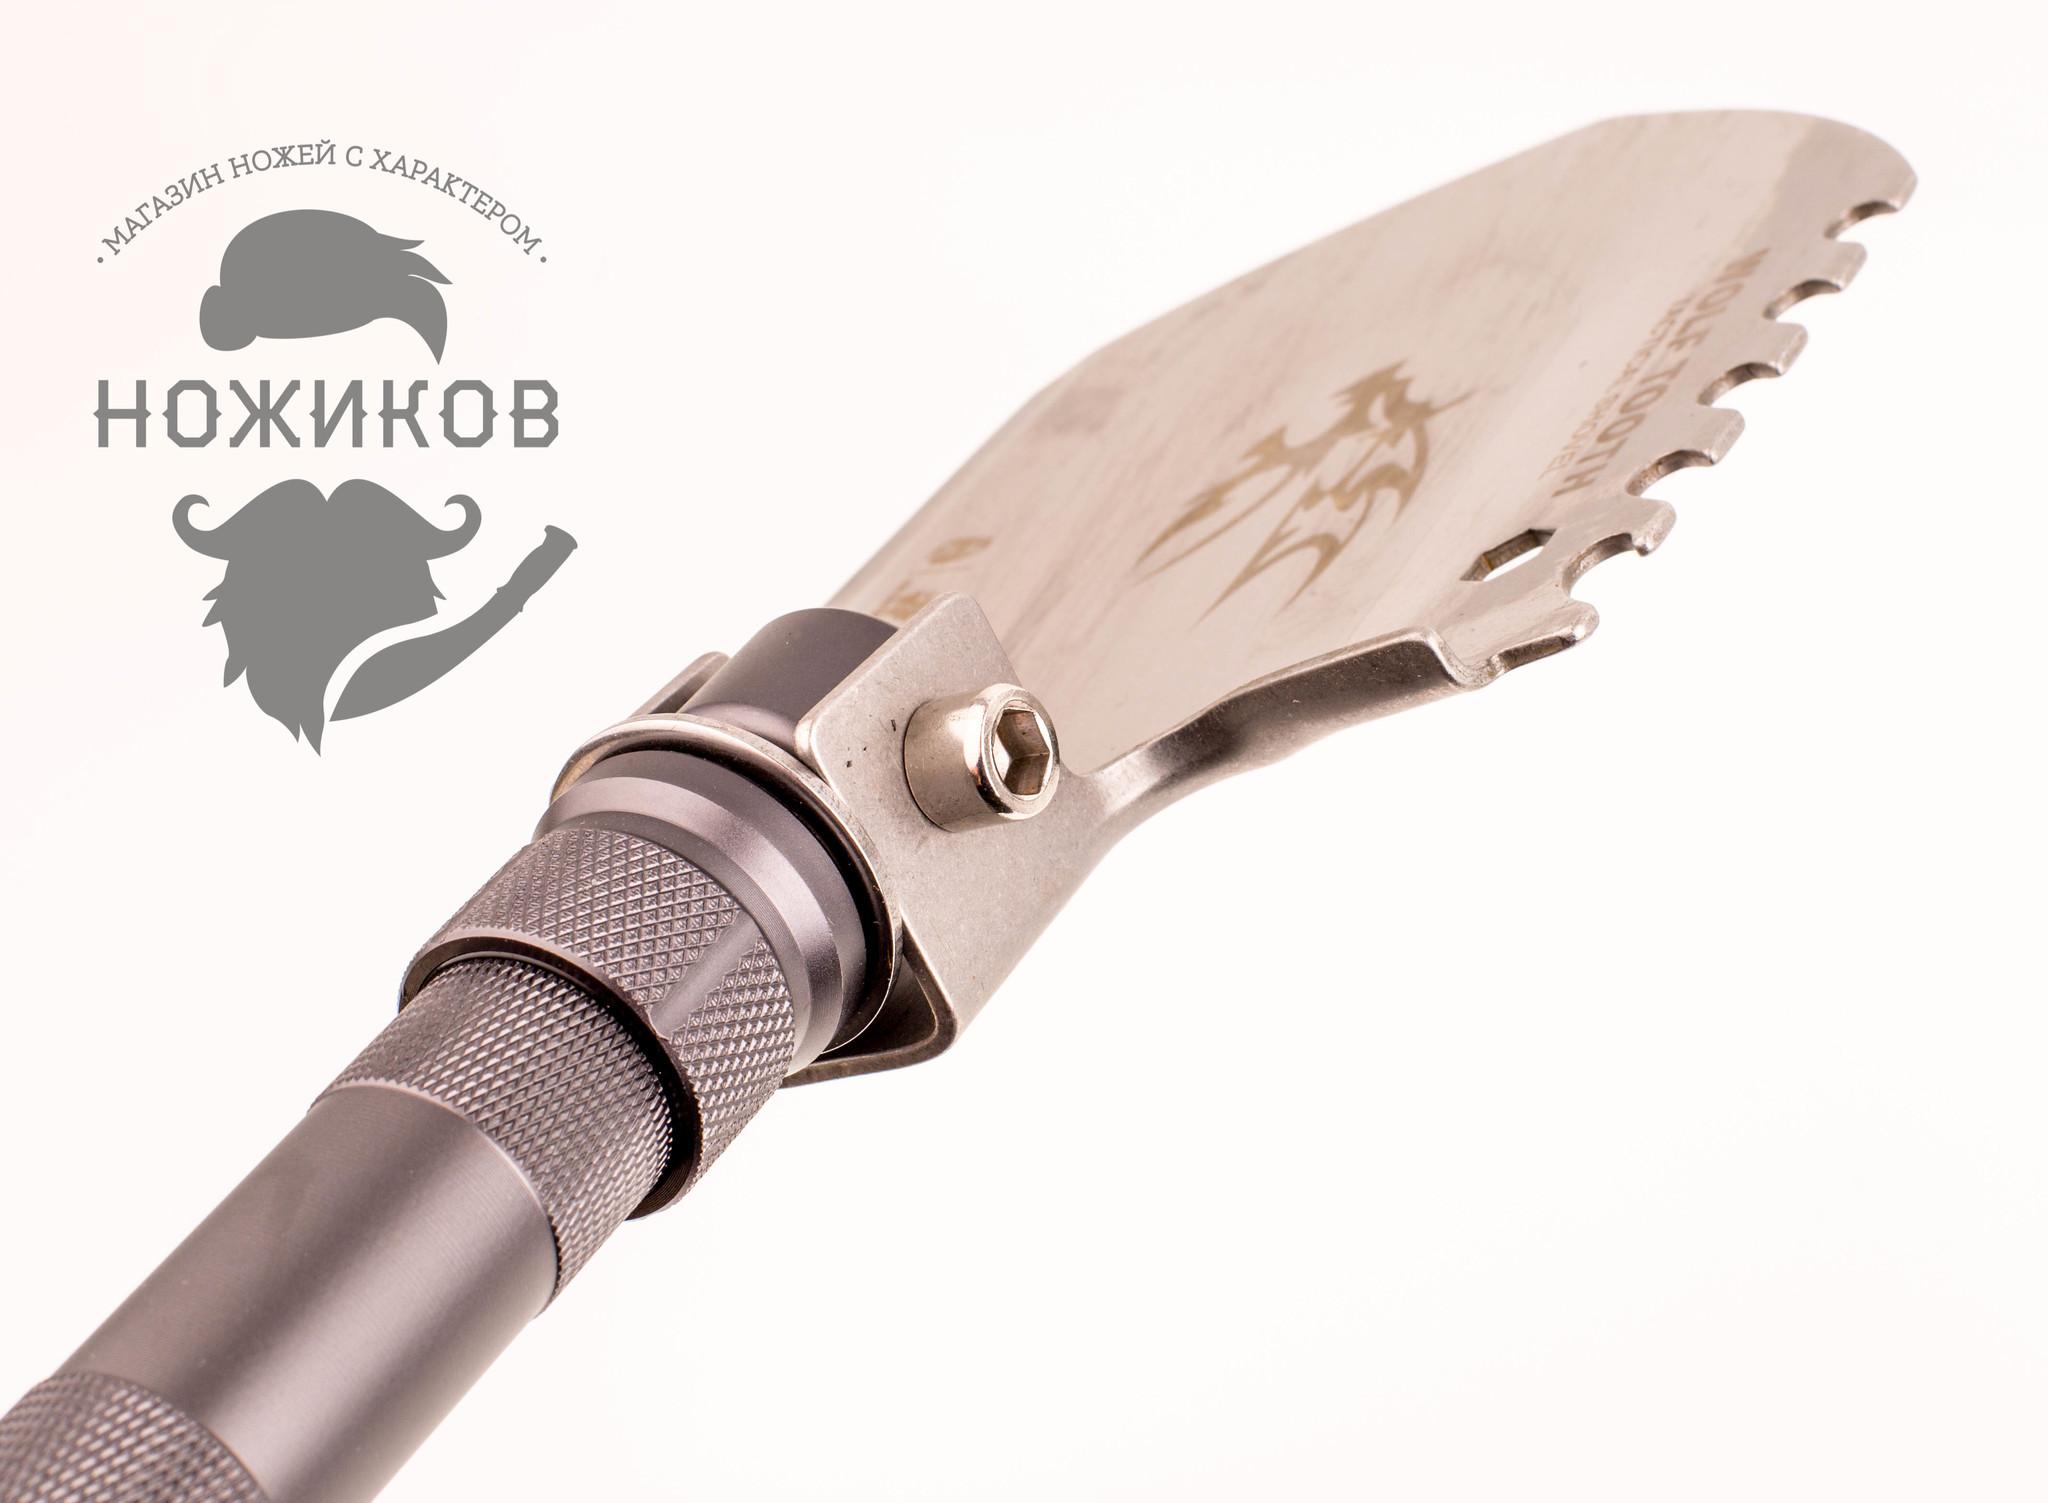 Фото 19 - Многофункциональная лопата для выживания HX Outdoor 19-в-1 от Noname